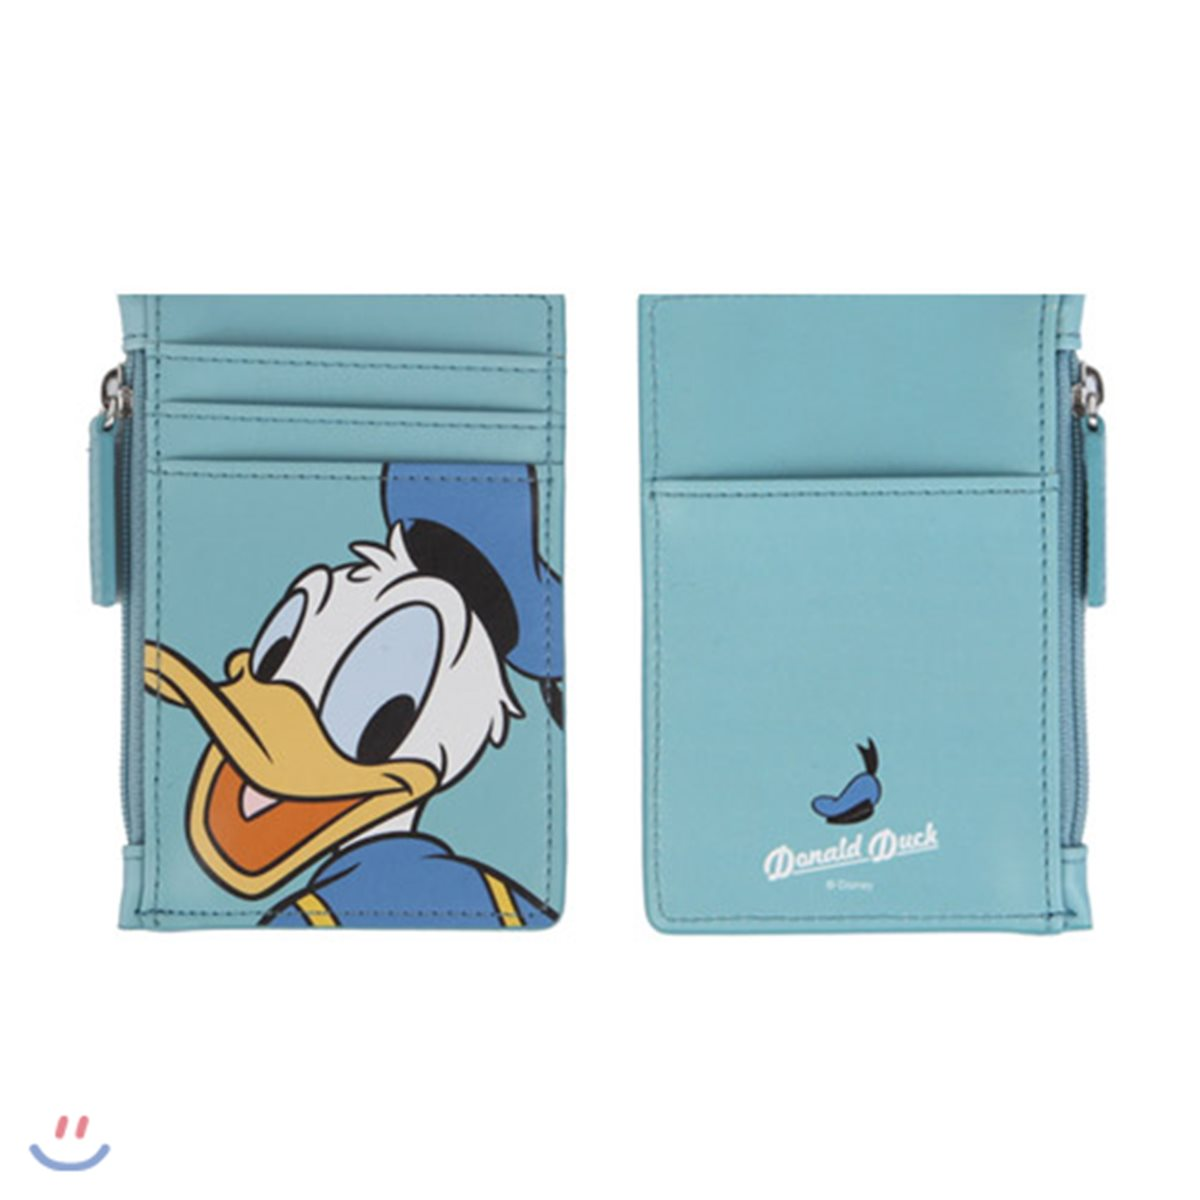 [예스베리굿즈][YES24 X 디즈니]도널드 멀티 카드지갑